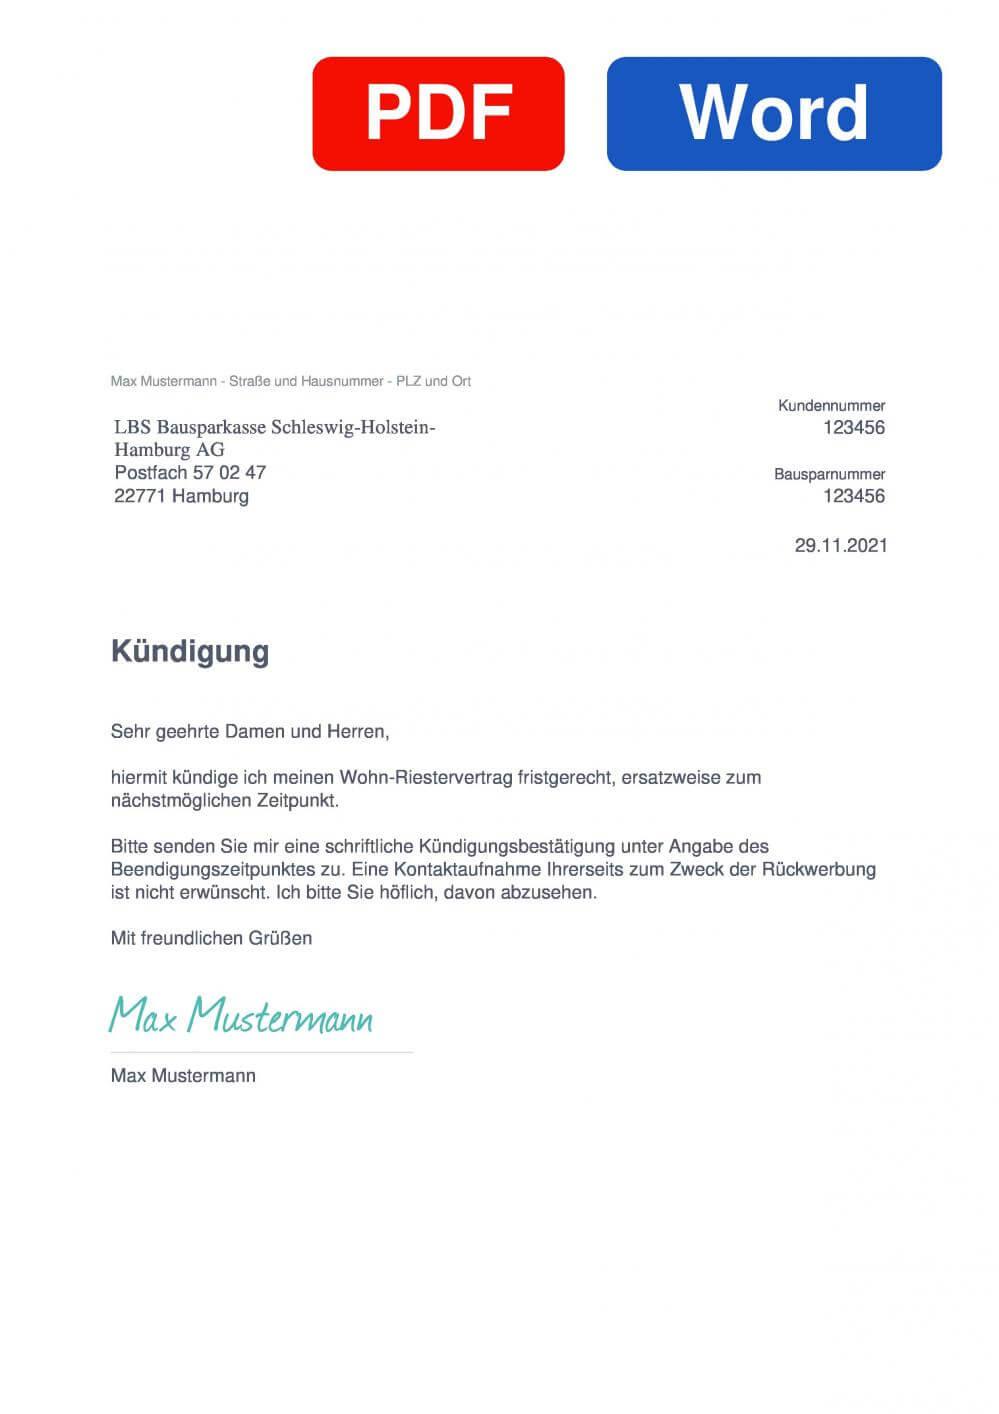 LBS Wohn-Riester Bausparkasse Schleswig-Holstein-Hamburg AG Muster Vorlage für Kündigungsschreiben